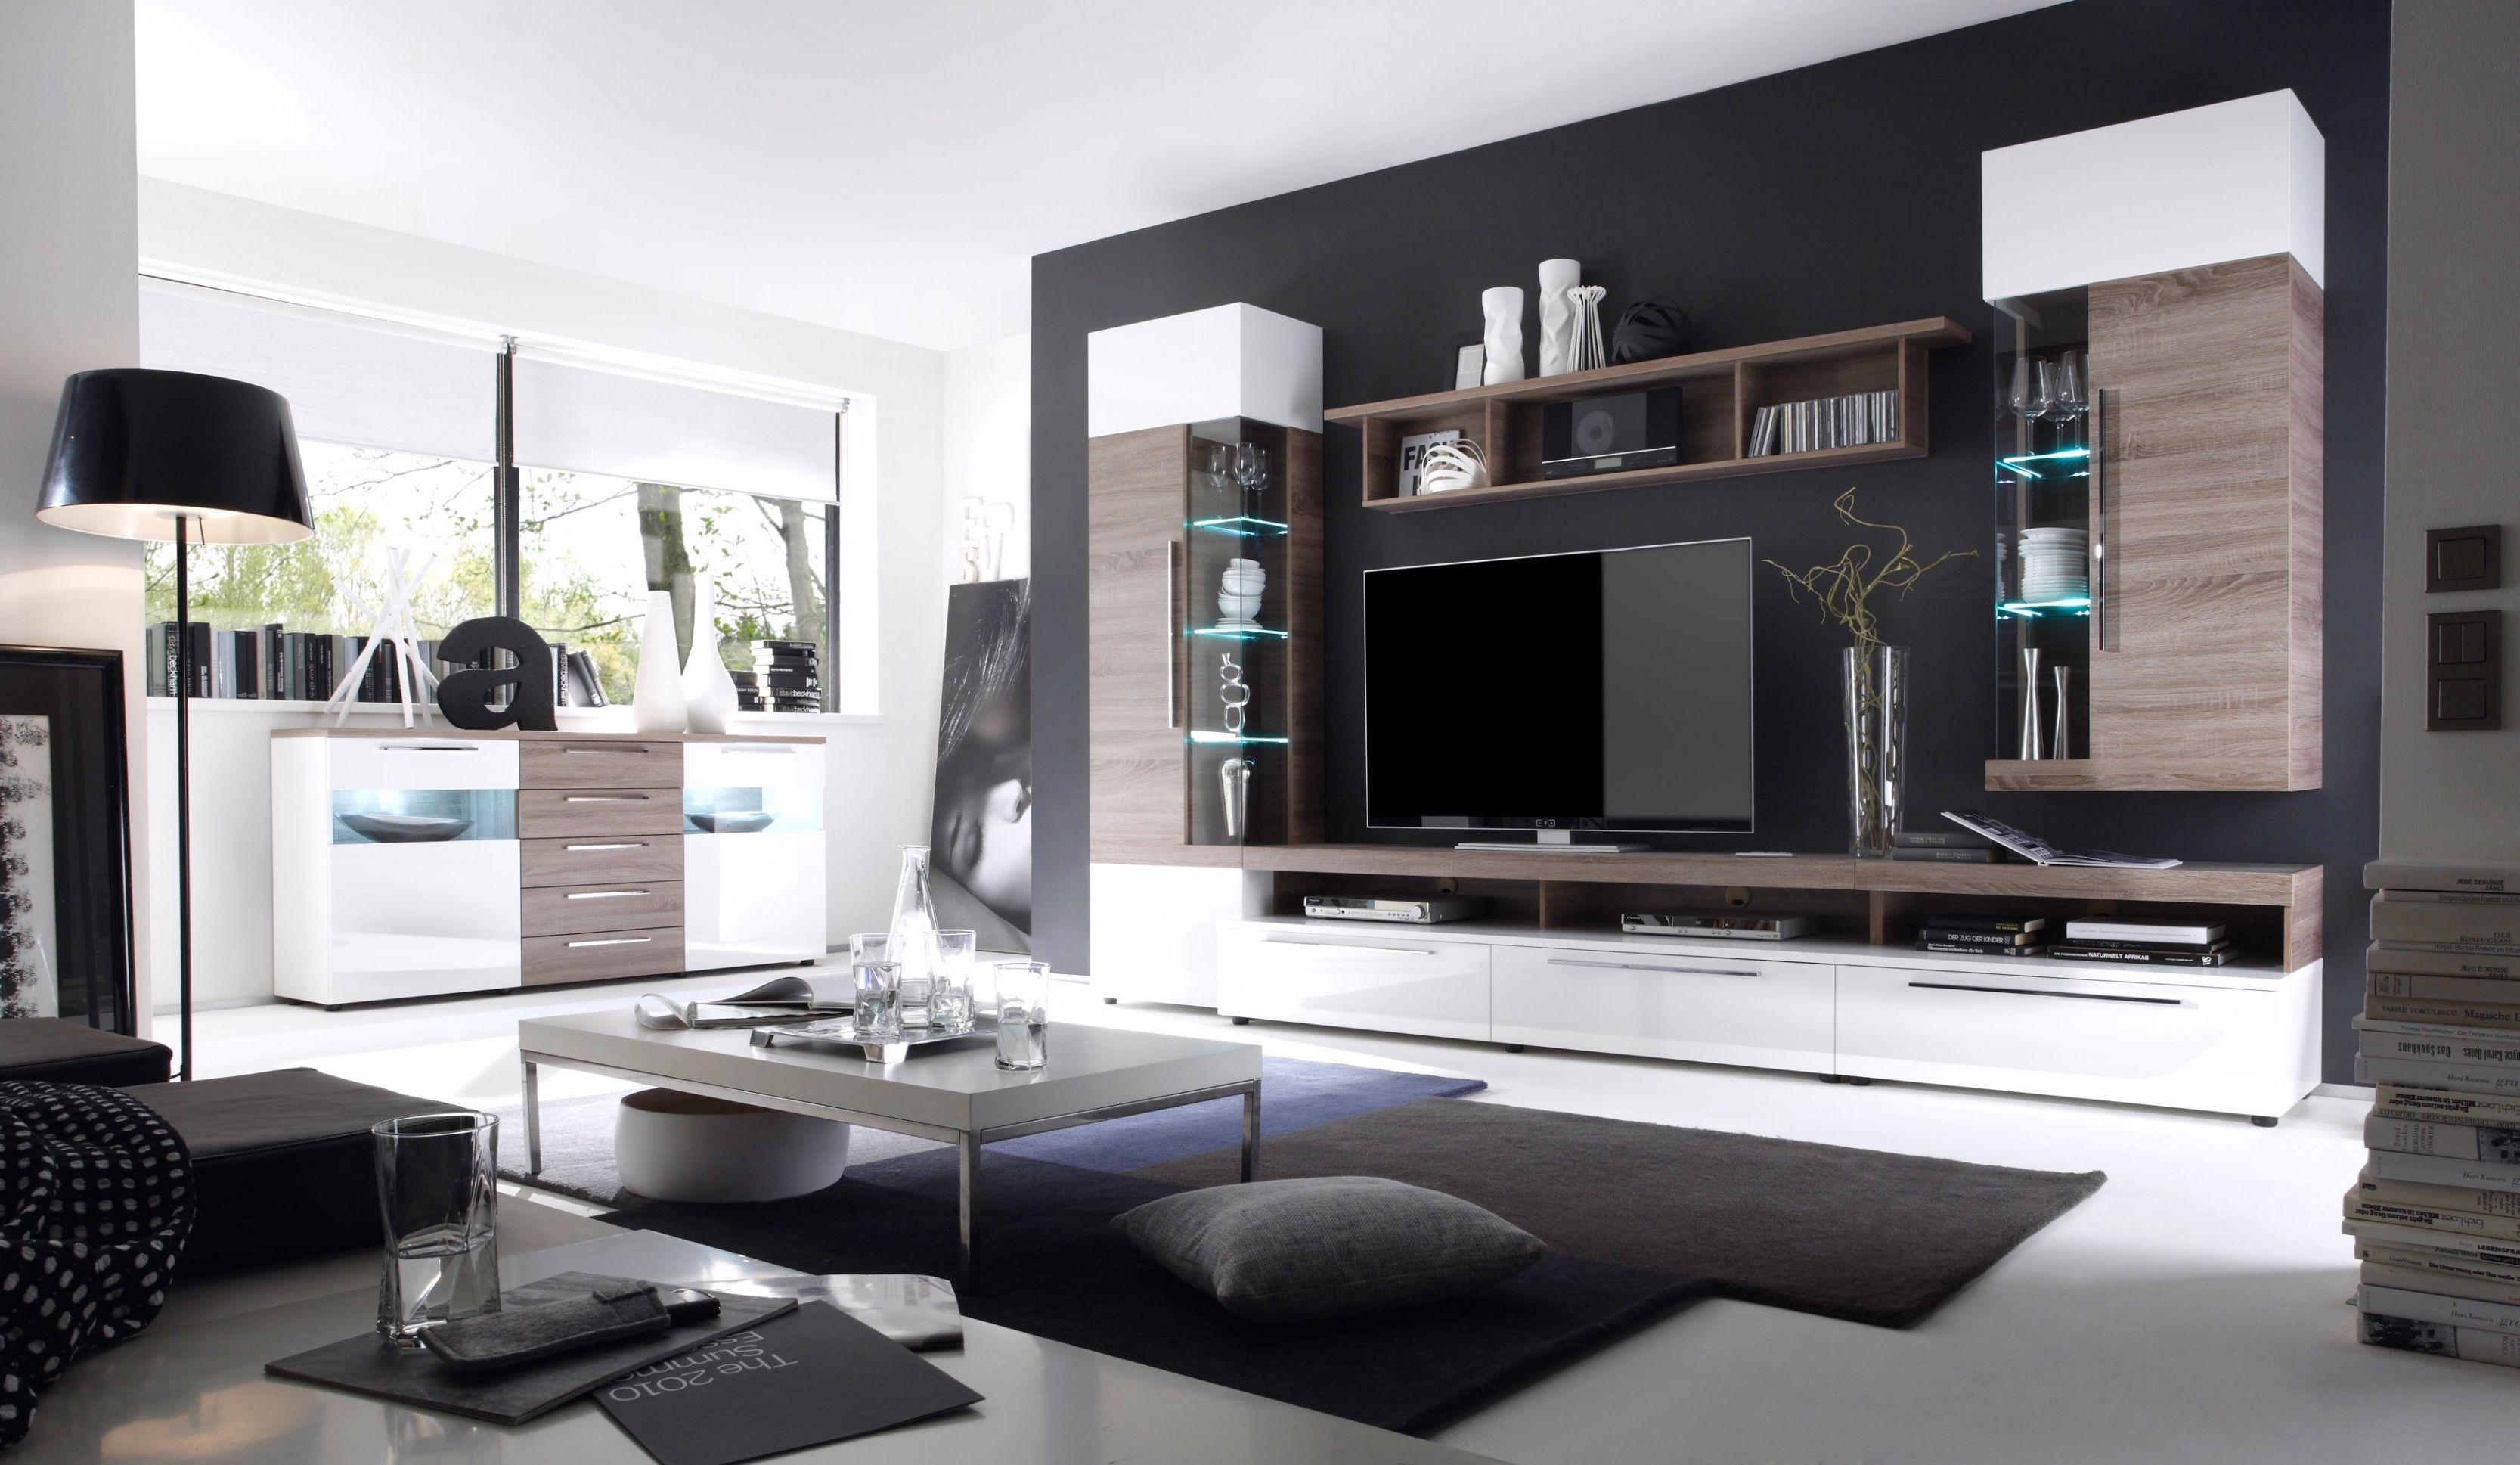 Elegant Deko Bilder Wohnzimmer Design